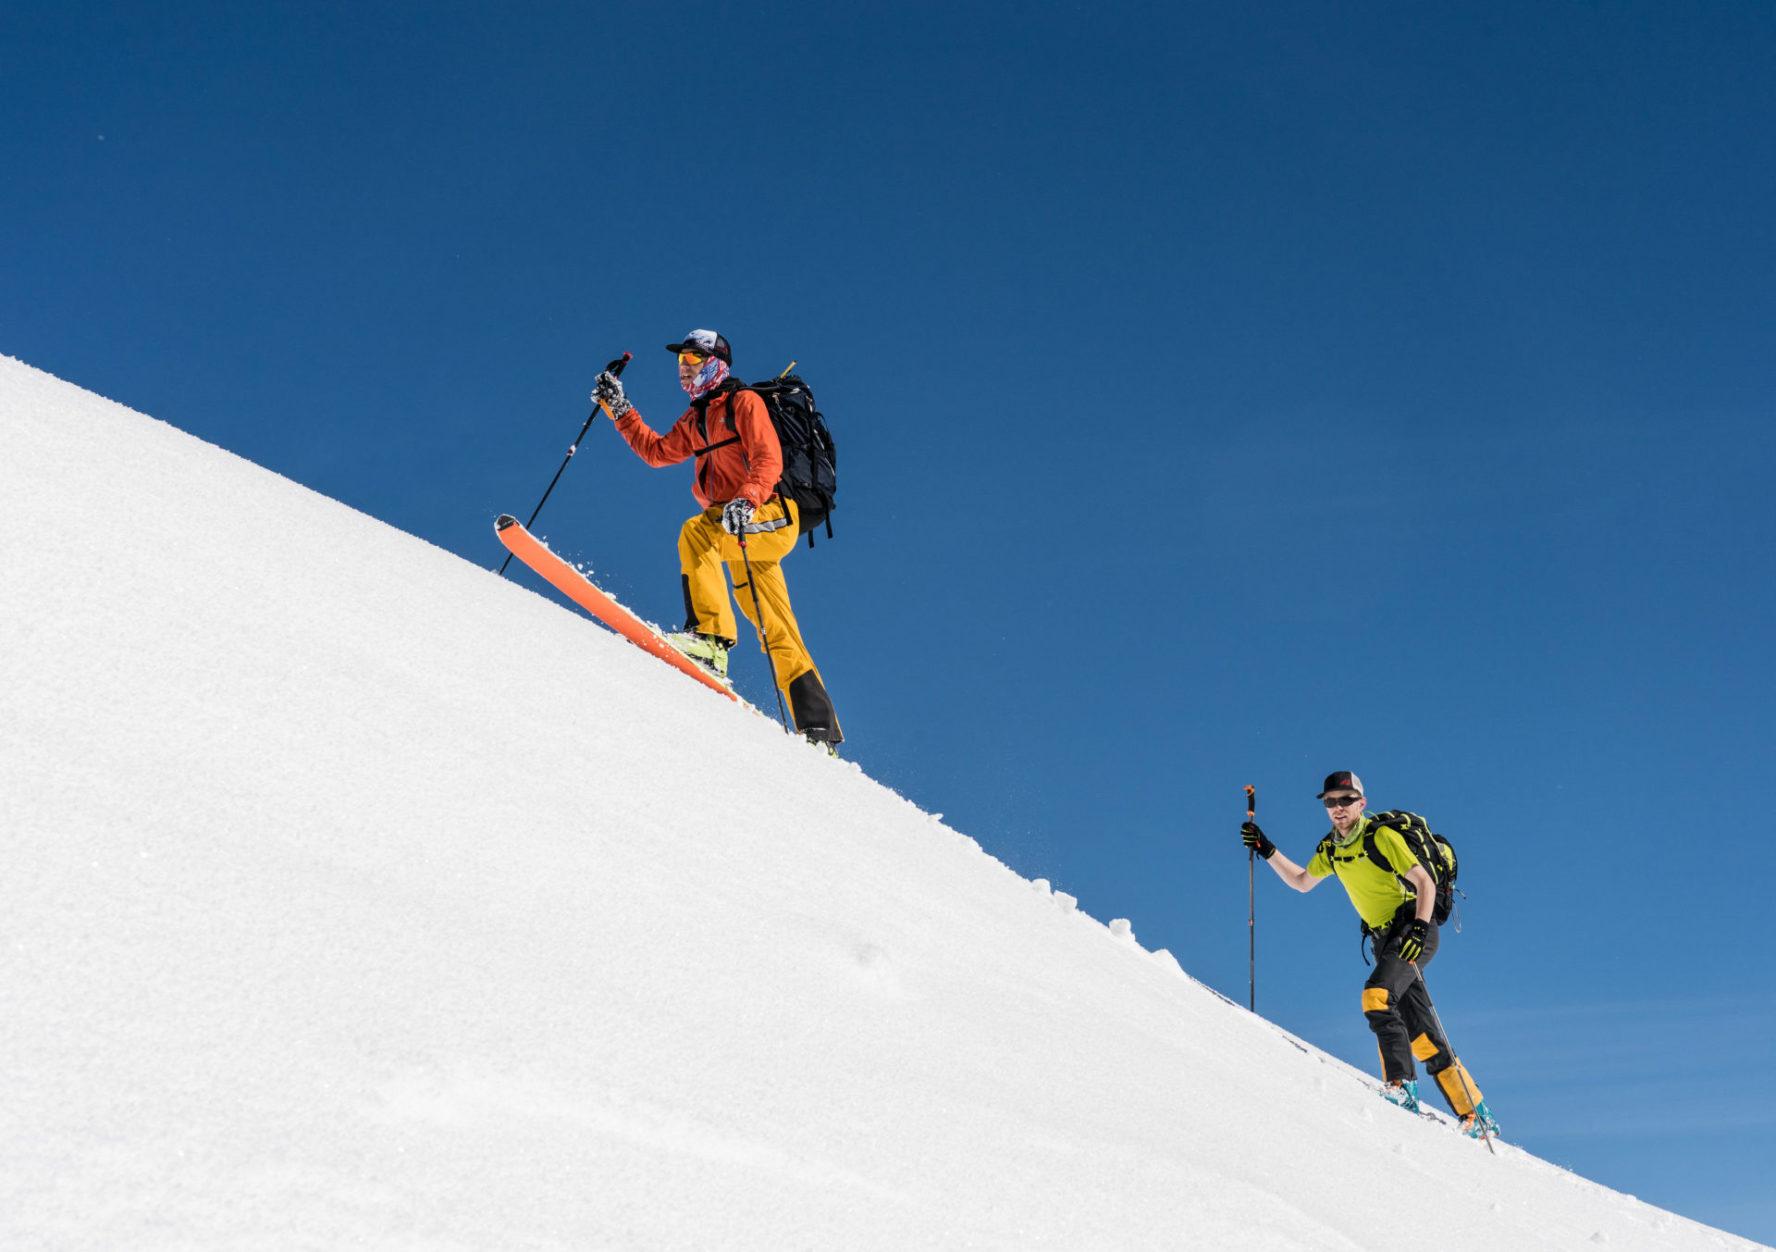 skiing at ymir